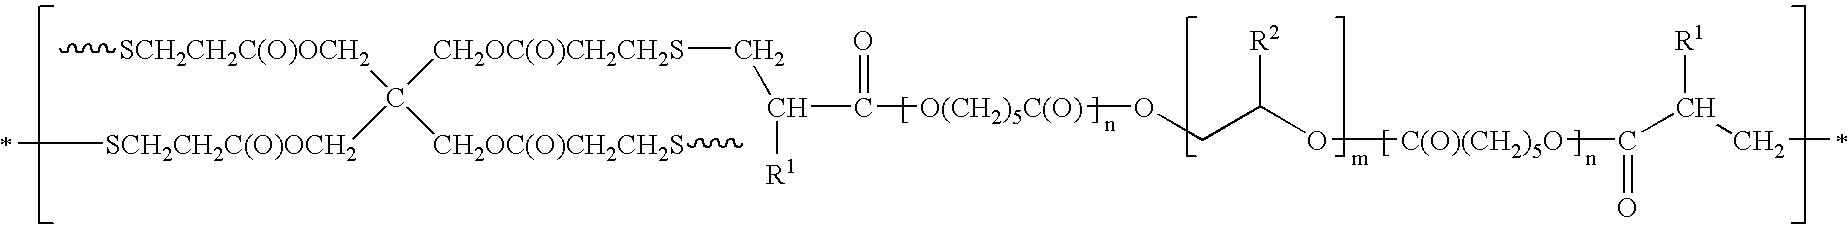 Figure US20080085946A1-20080410-C00017